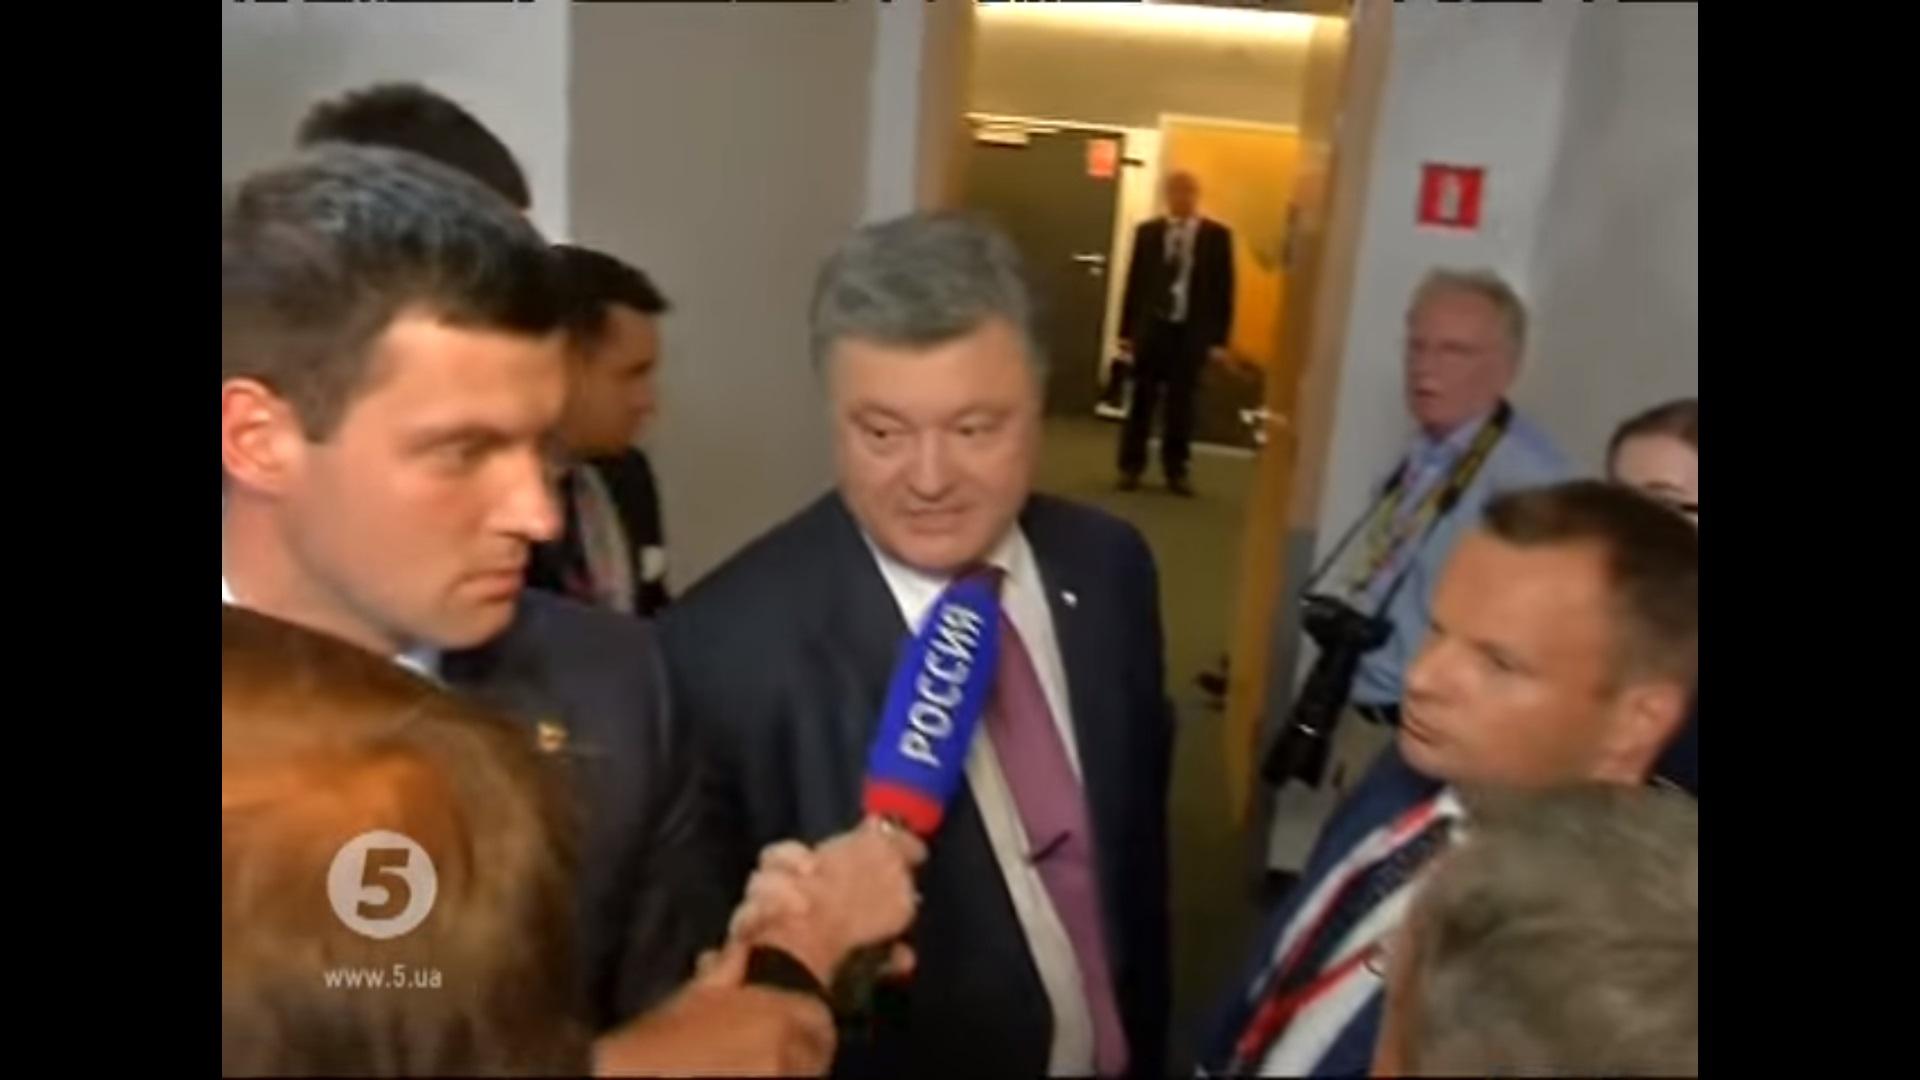 """""""Когда русские перестанут убивать Украинцев"""" - появилось видео с саммита в НАТО где Порошенко на глазах у всех поставил на место российских журналистов - все аплодировали"""